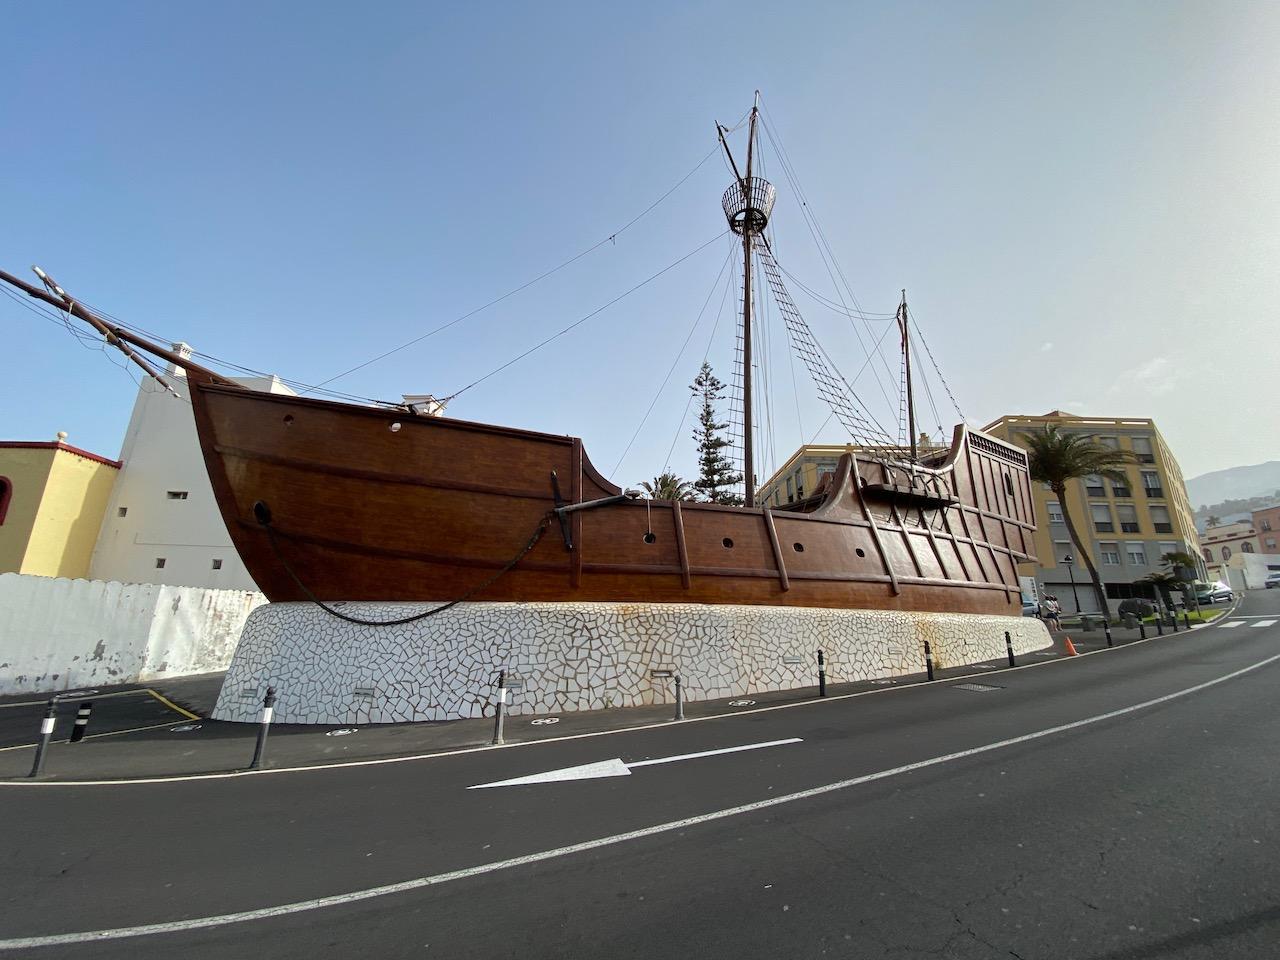 replica of Christopher Columbus's ship, Santa María